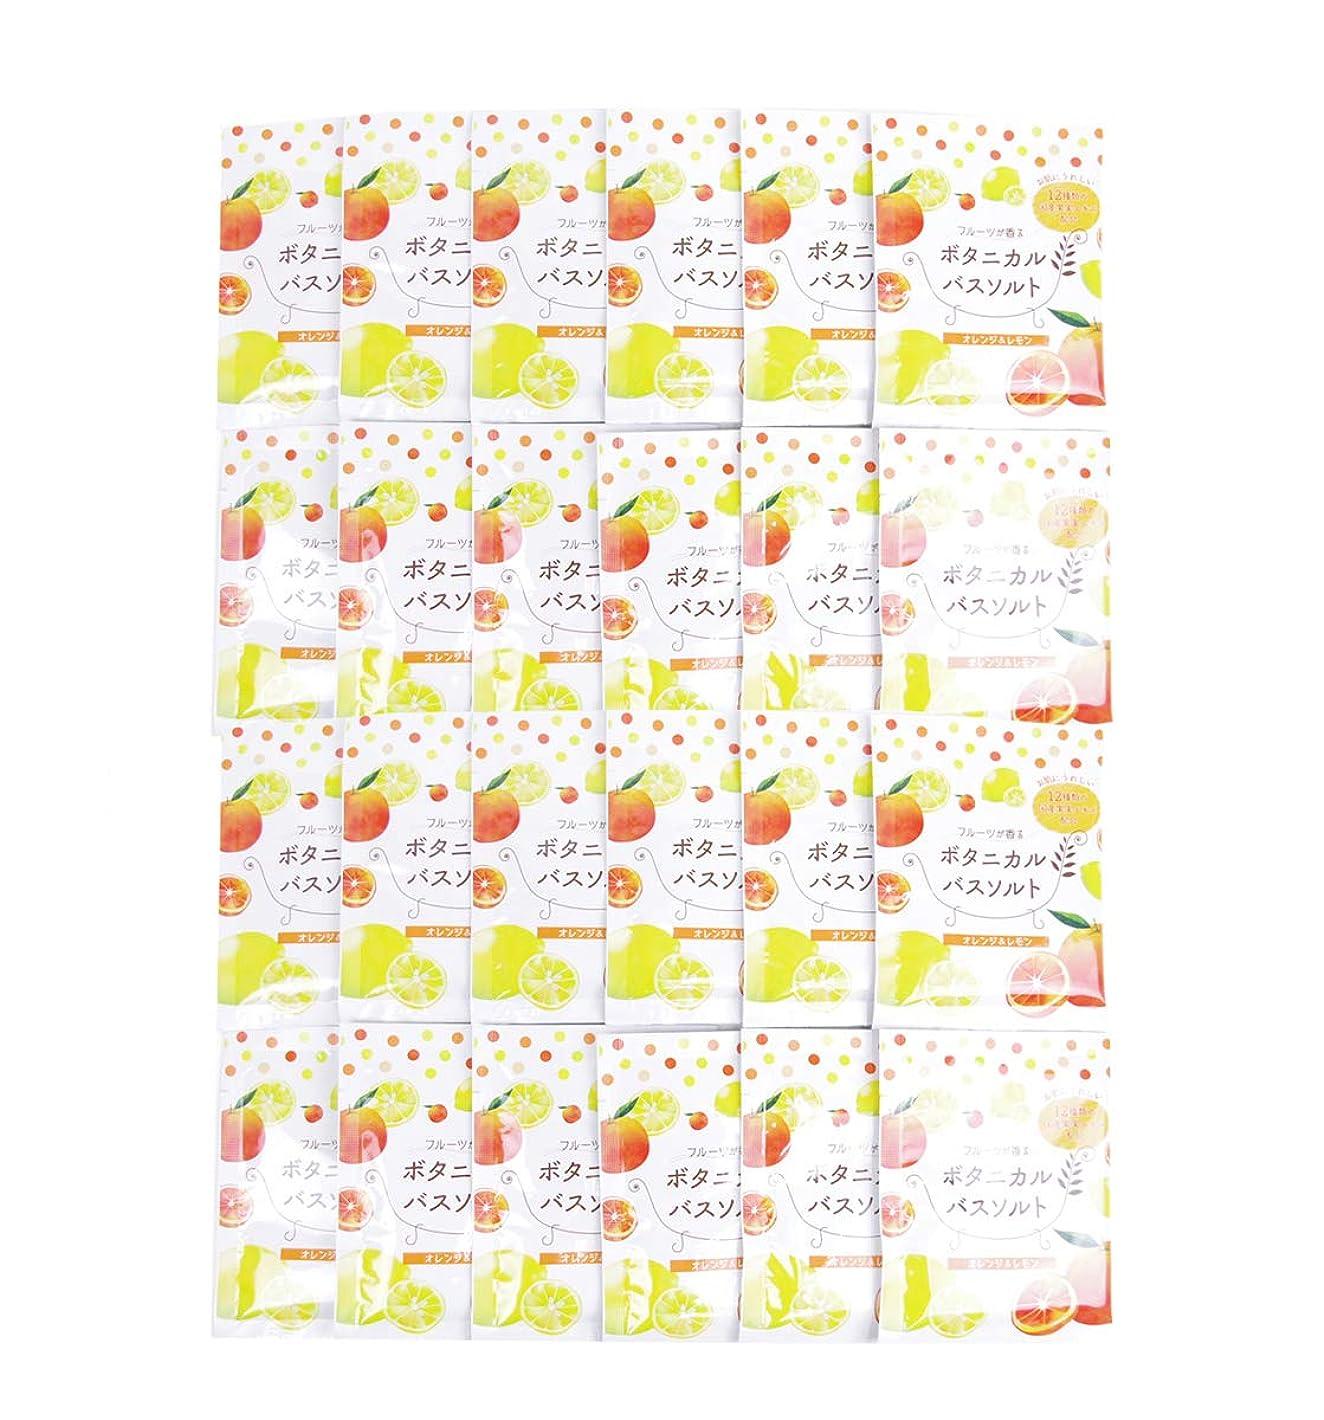 ロイヤリティ注目すべき協定松田医薬品 フルーツが香るボタニカルバスソルト オレンジ&レモン 30g 24個セット